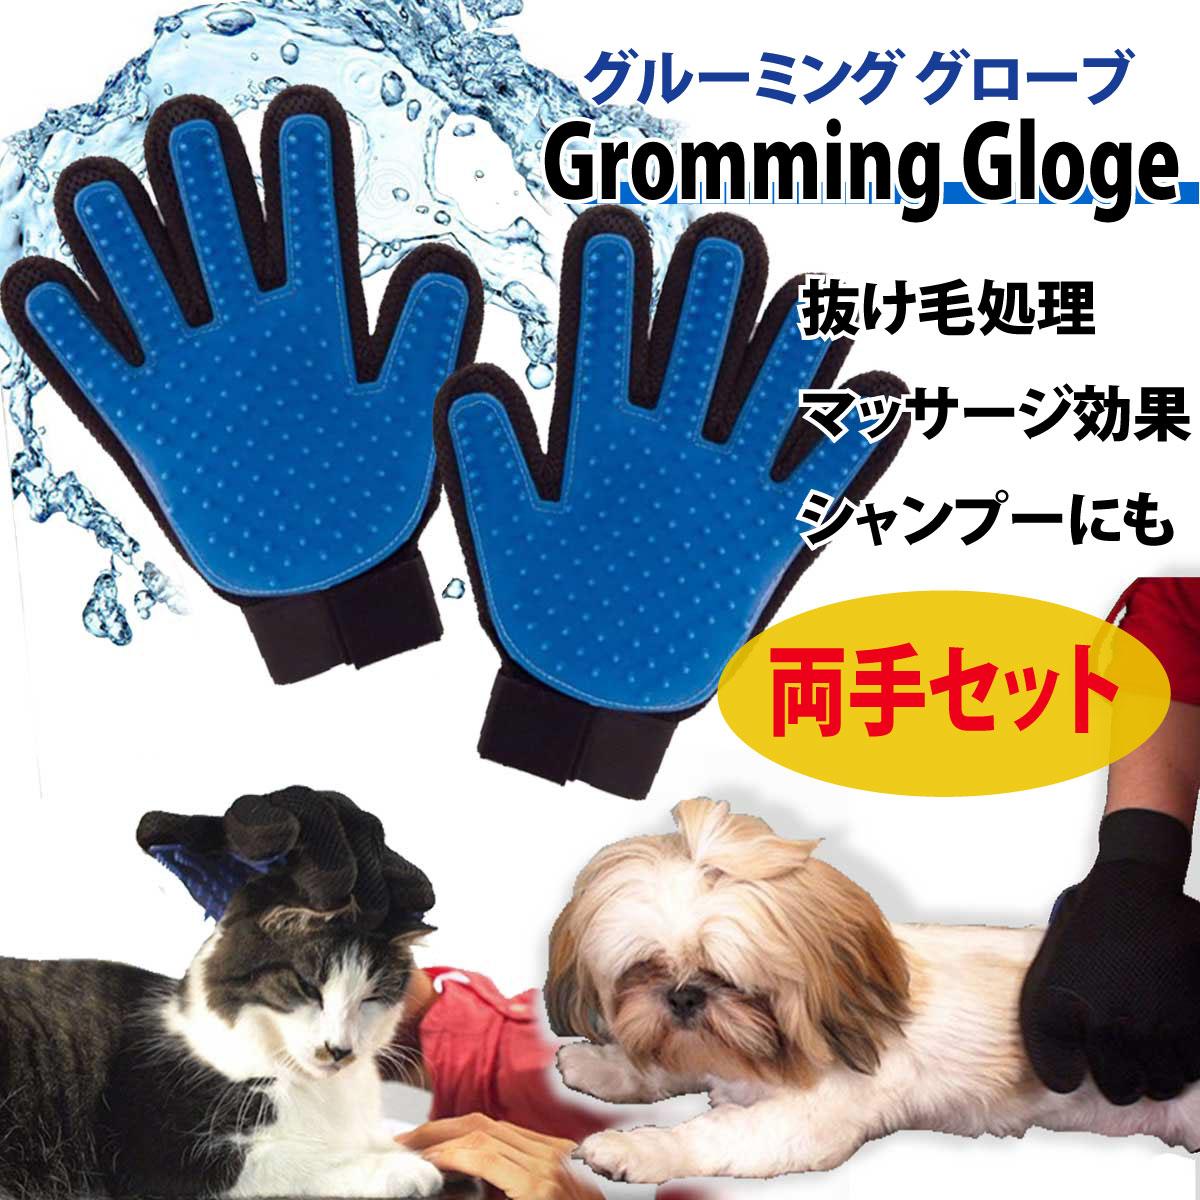 【送料無料】ペット用 手袋ブラシ 両手セット グルーミンググローブ ブラッシング 犬 猫 ブルー 小動物 グルーミング